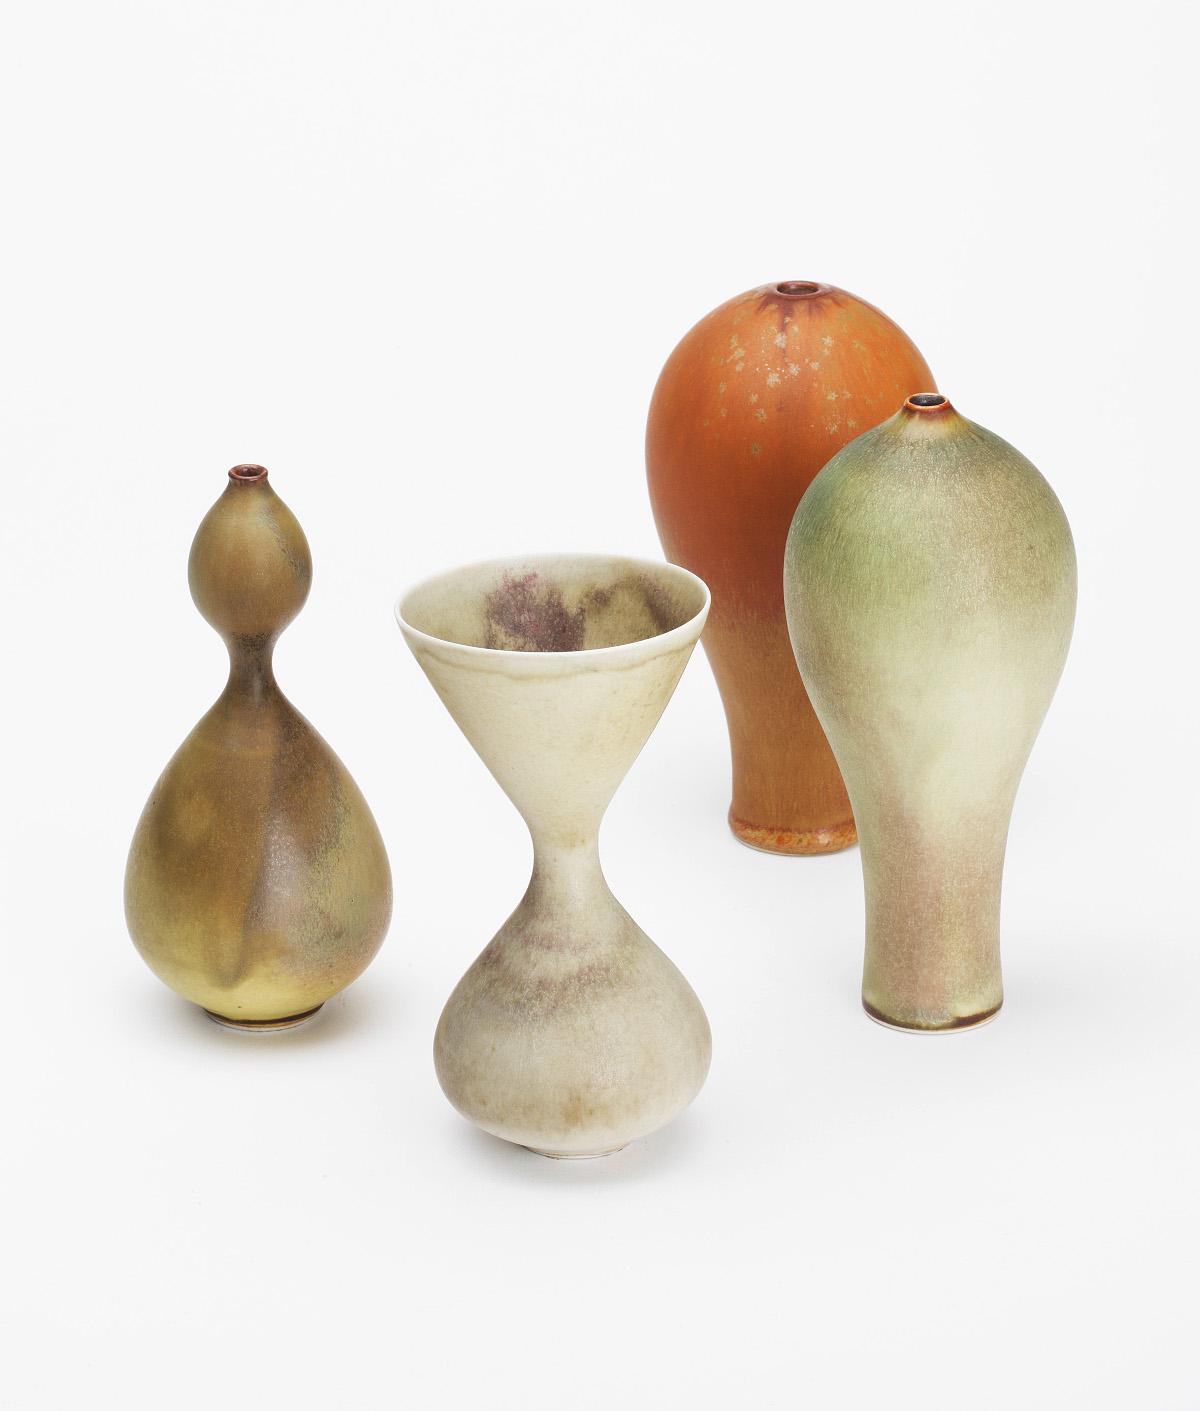 Drei Gefäßformen, Ursula Scheid, Porzellan, gedreht, matt glasiert. 1970-1971. Schenkung aus der Sammlung H.T. und I. Wolf, 2010. (Foto: Christoph Sandig)